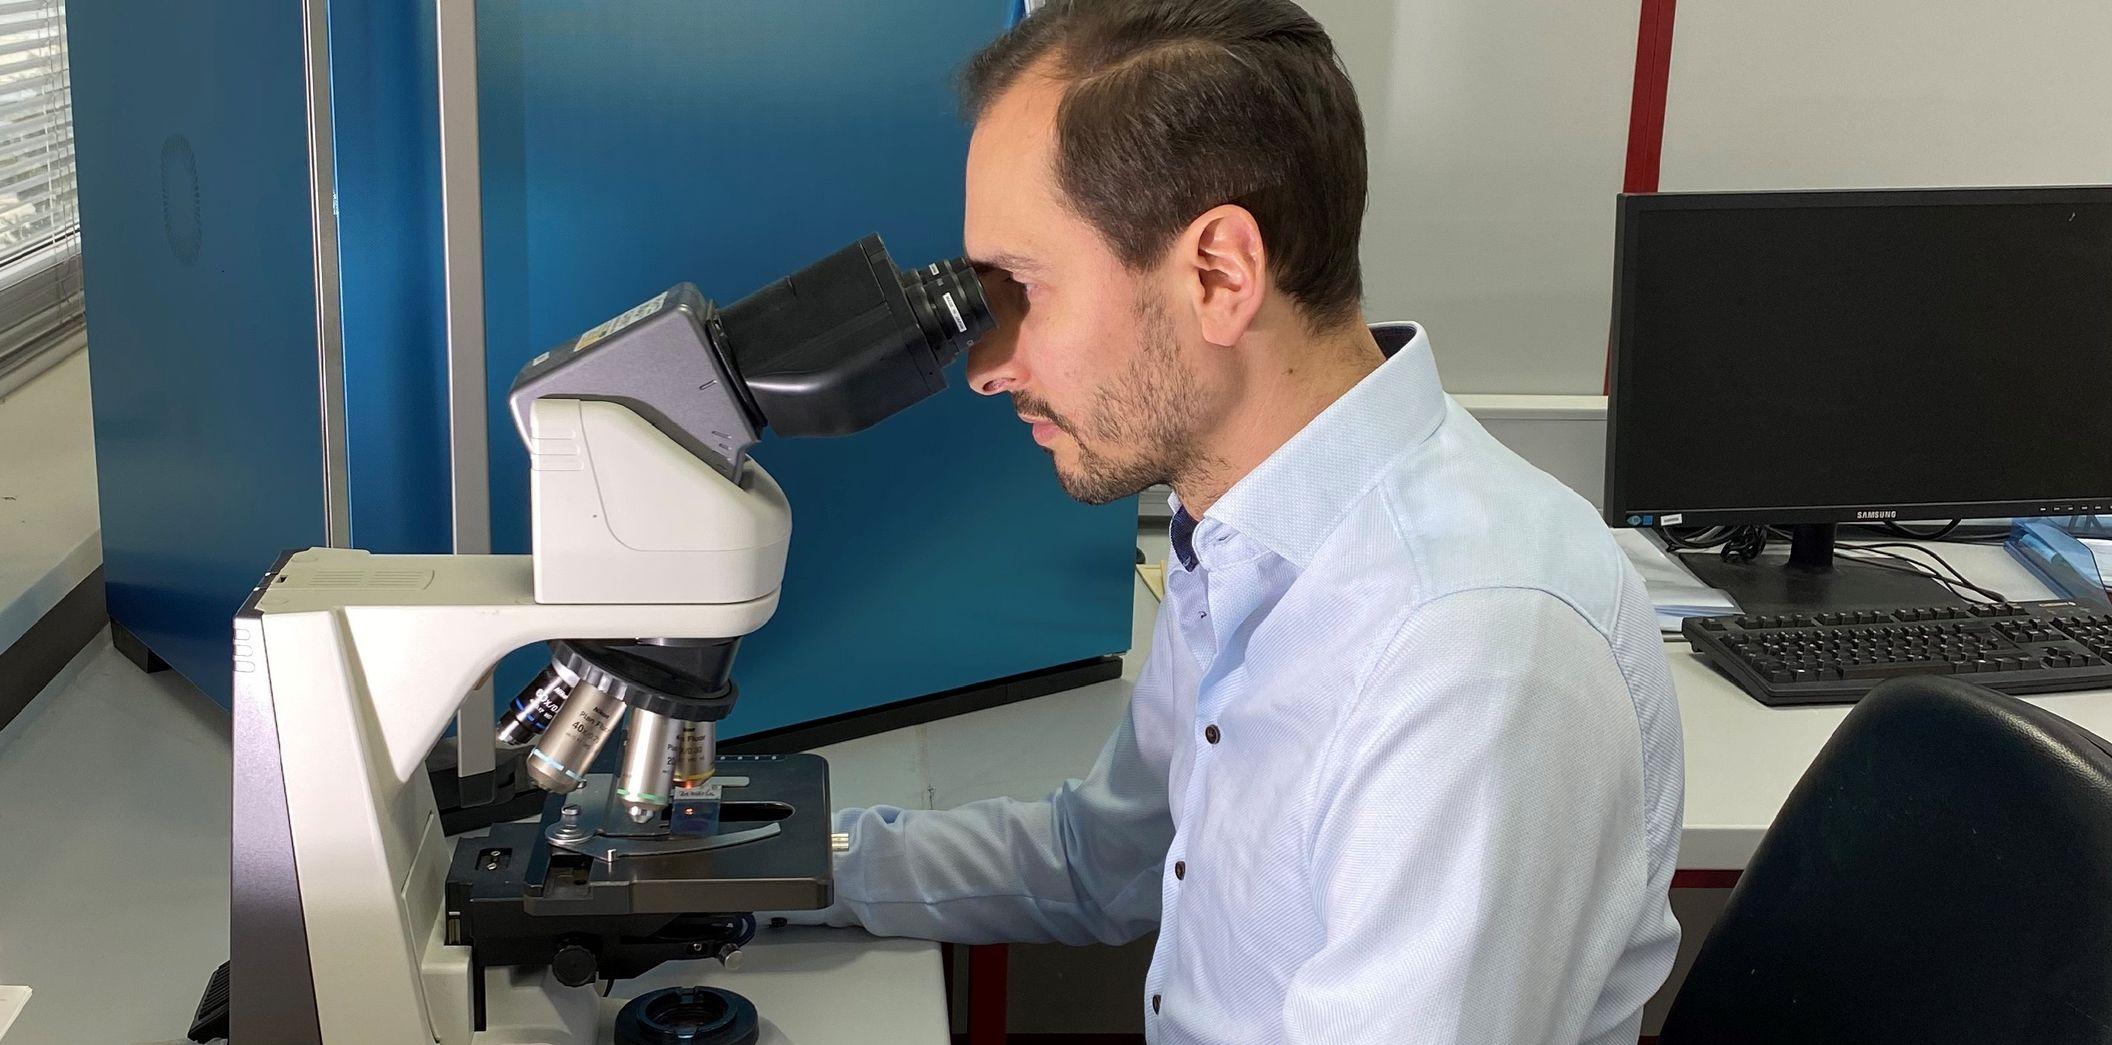 IFB Hamburg - Krebsdiagnostik mit Hilfe von KI